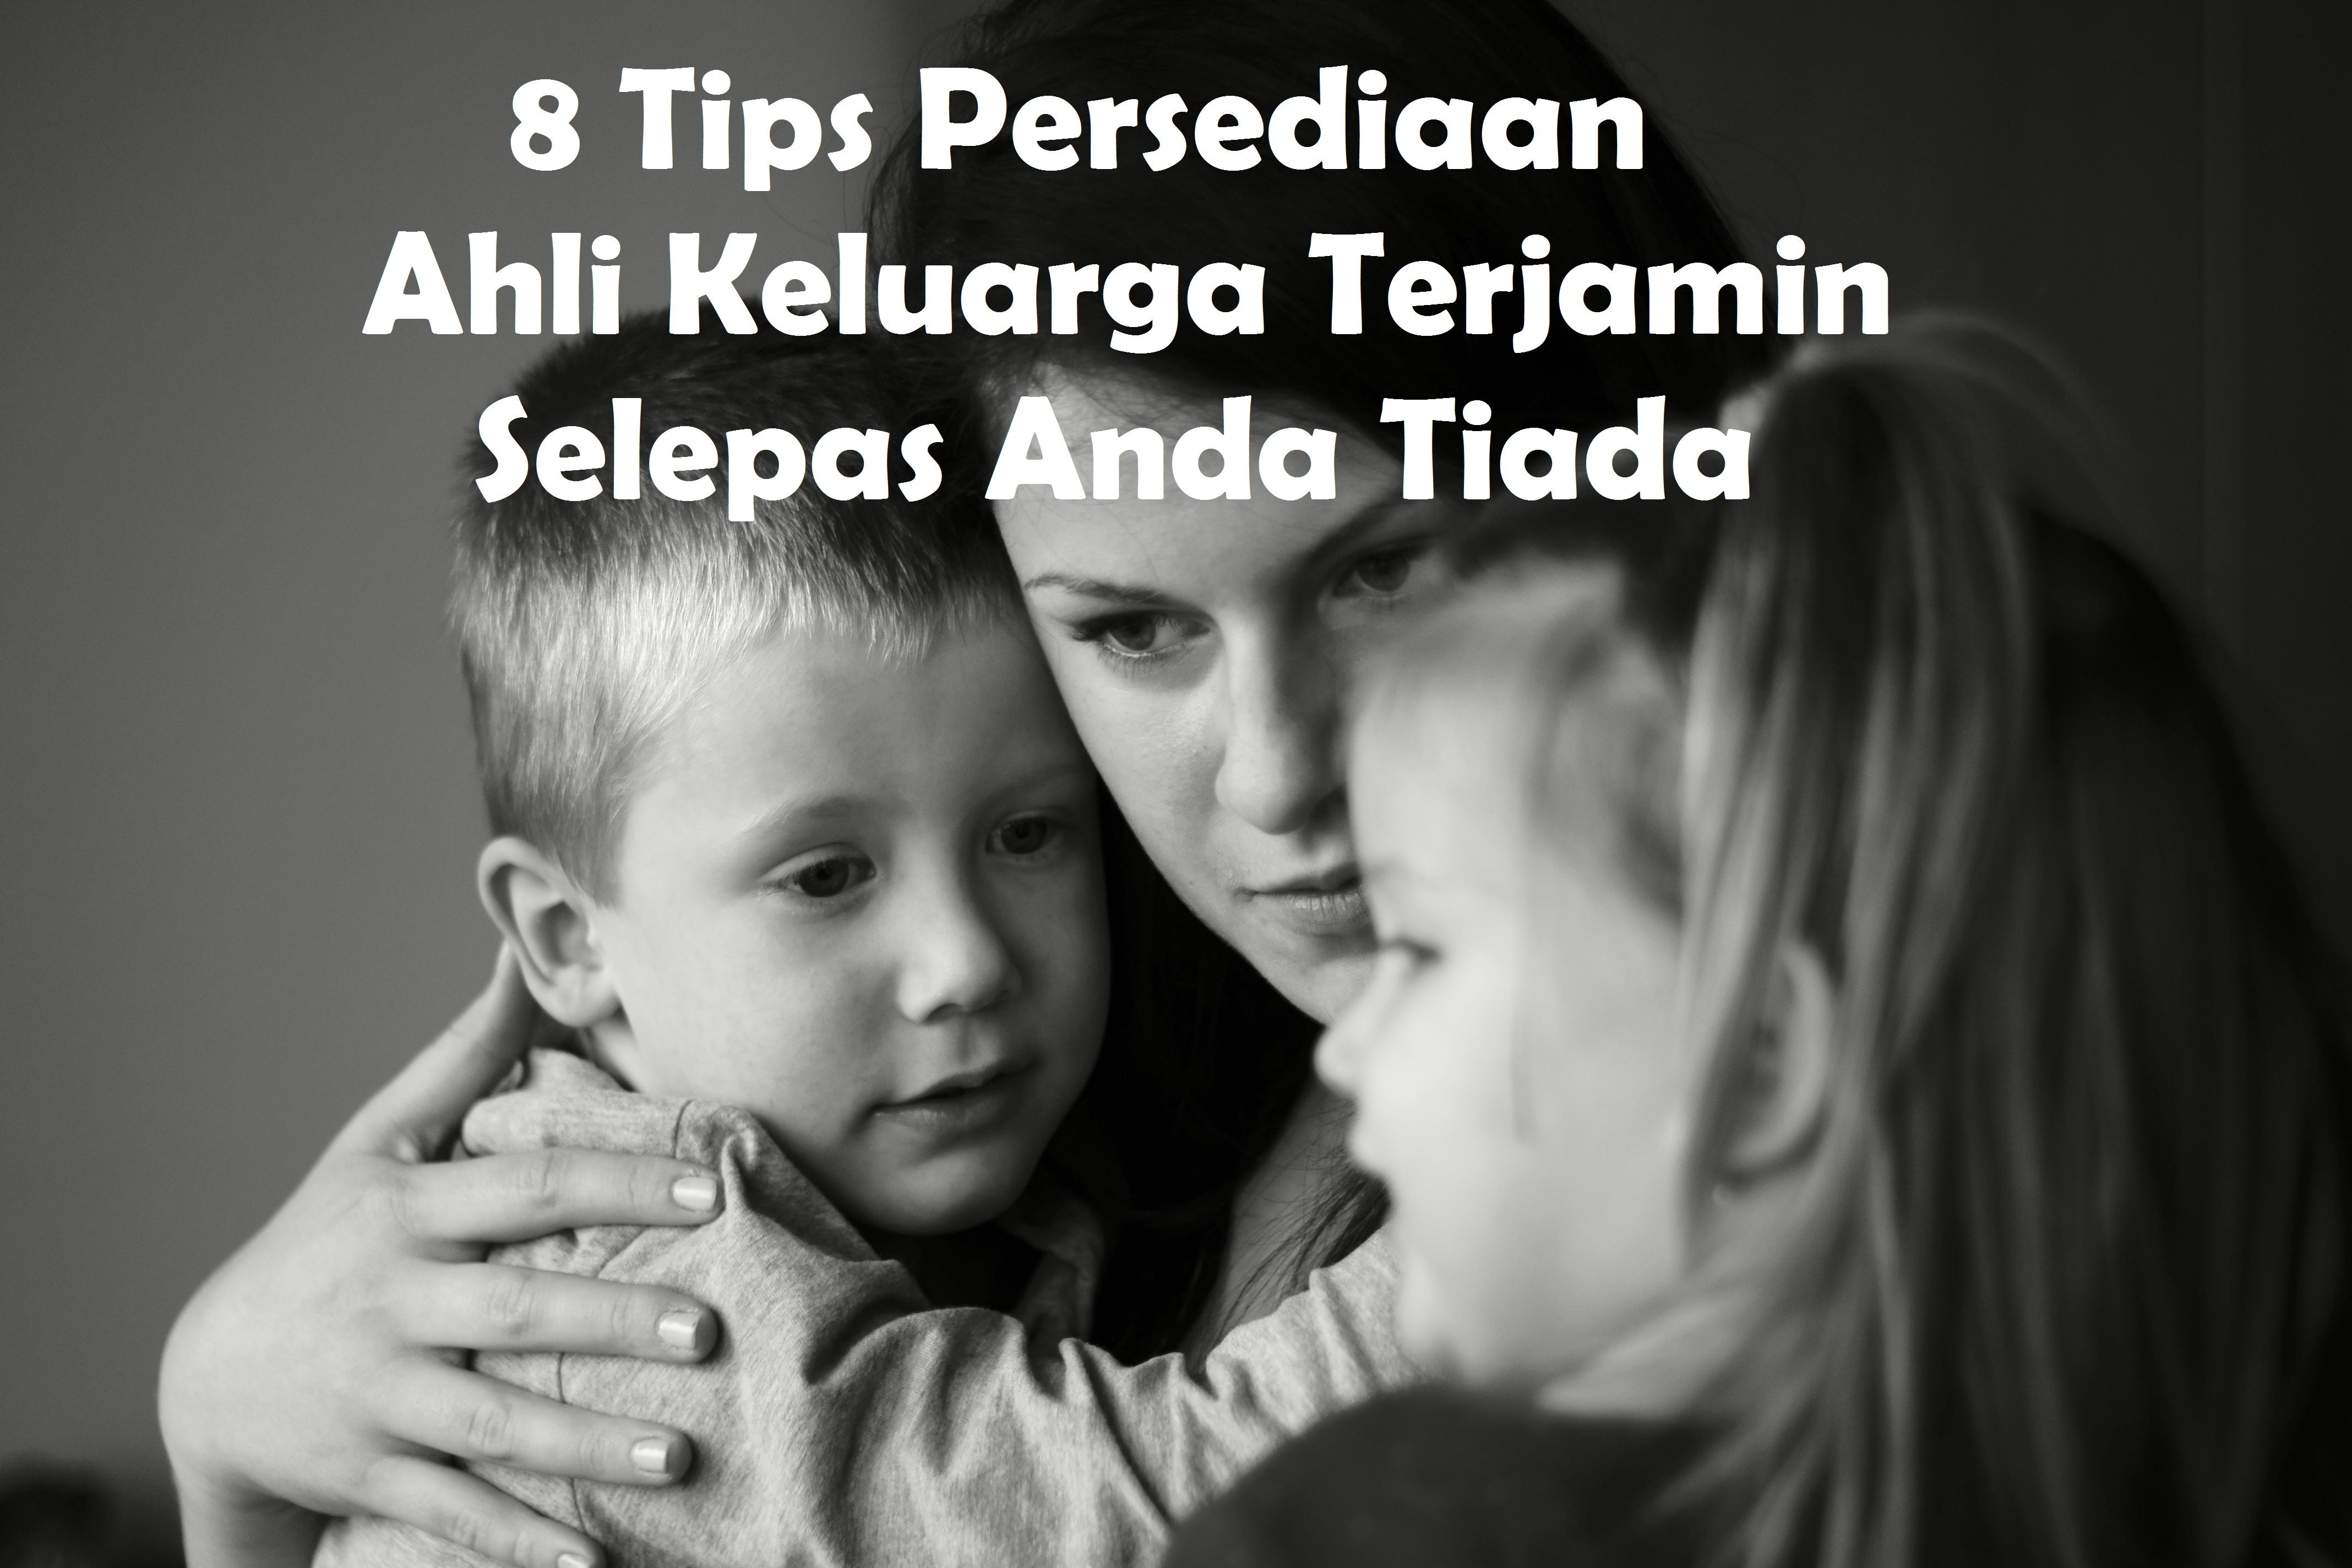 8 Tips Persediaan Ahli Keluarga Terjamin Selepas Anda Tiada